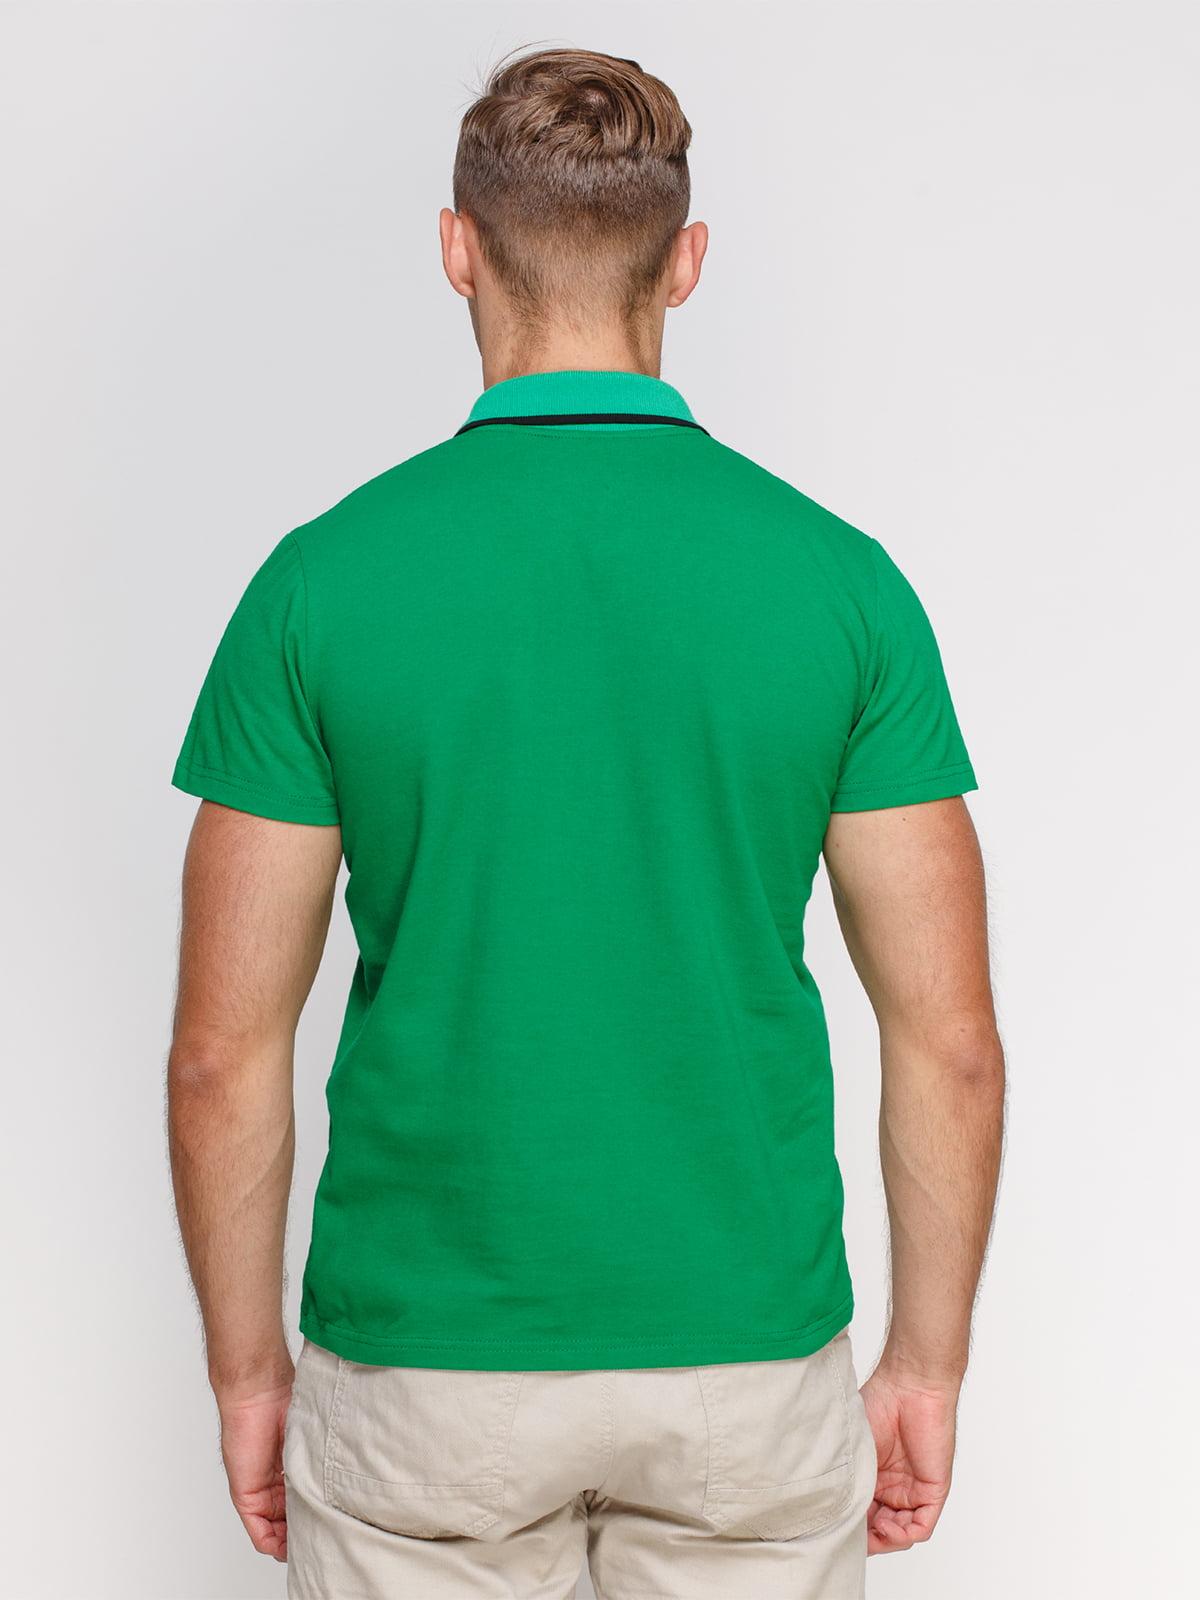 Футболка-поло зелена з принтом | 4578510 | фото 2